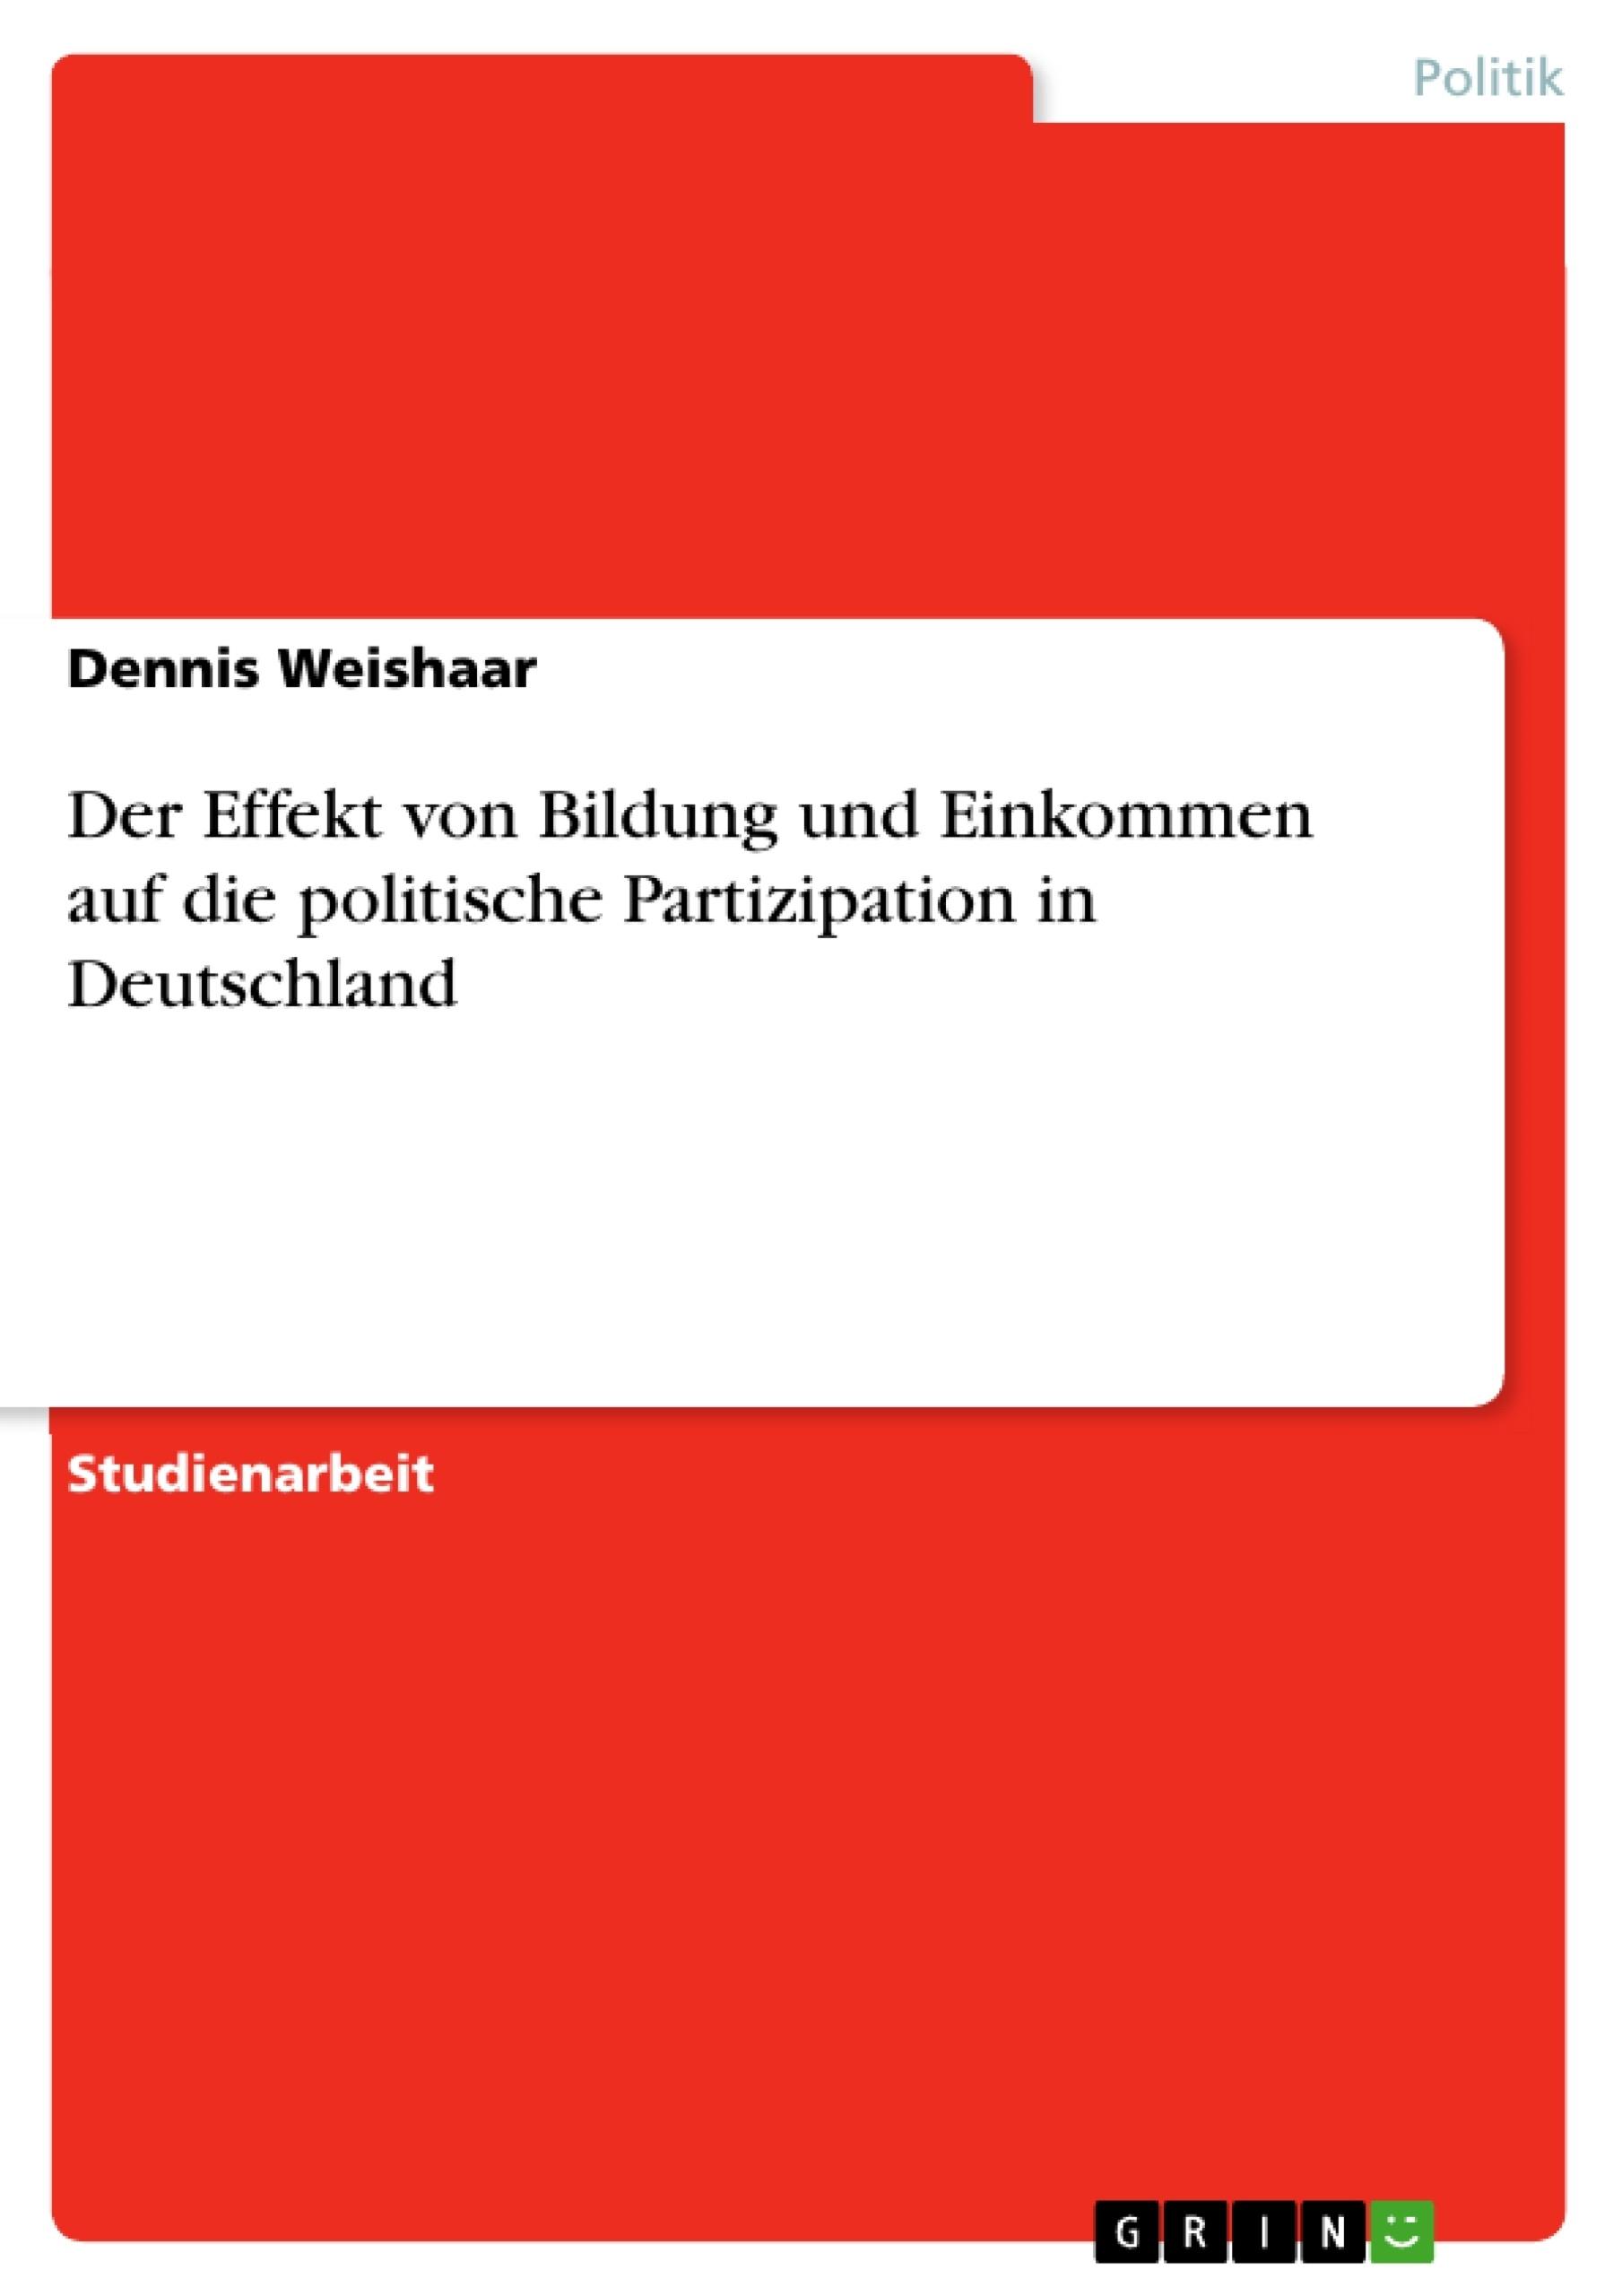 Titel: Der Effekt von Bildung und Einkommen auf die politische Partizipation in Deutschland